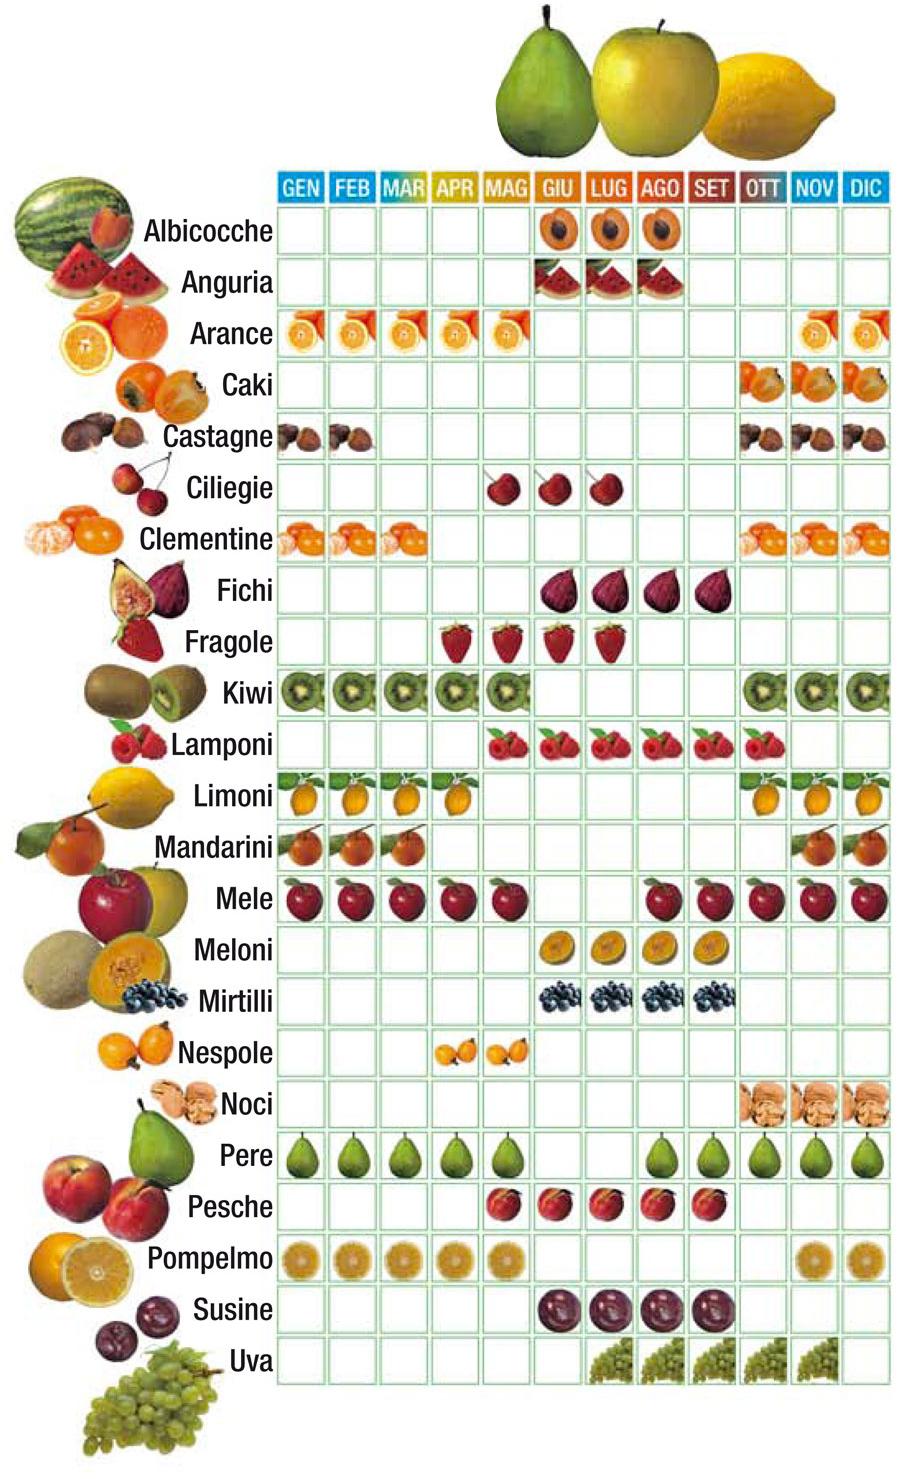 Verdura e frutta di stagione lamiacucinasenzalattosio for Frutta con la o iniziale